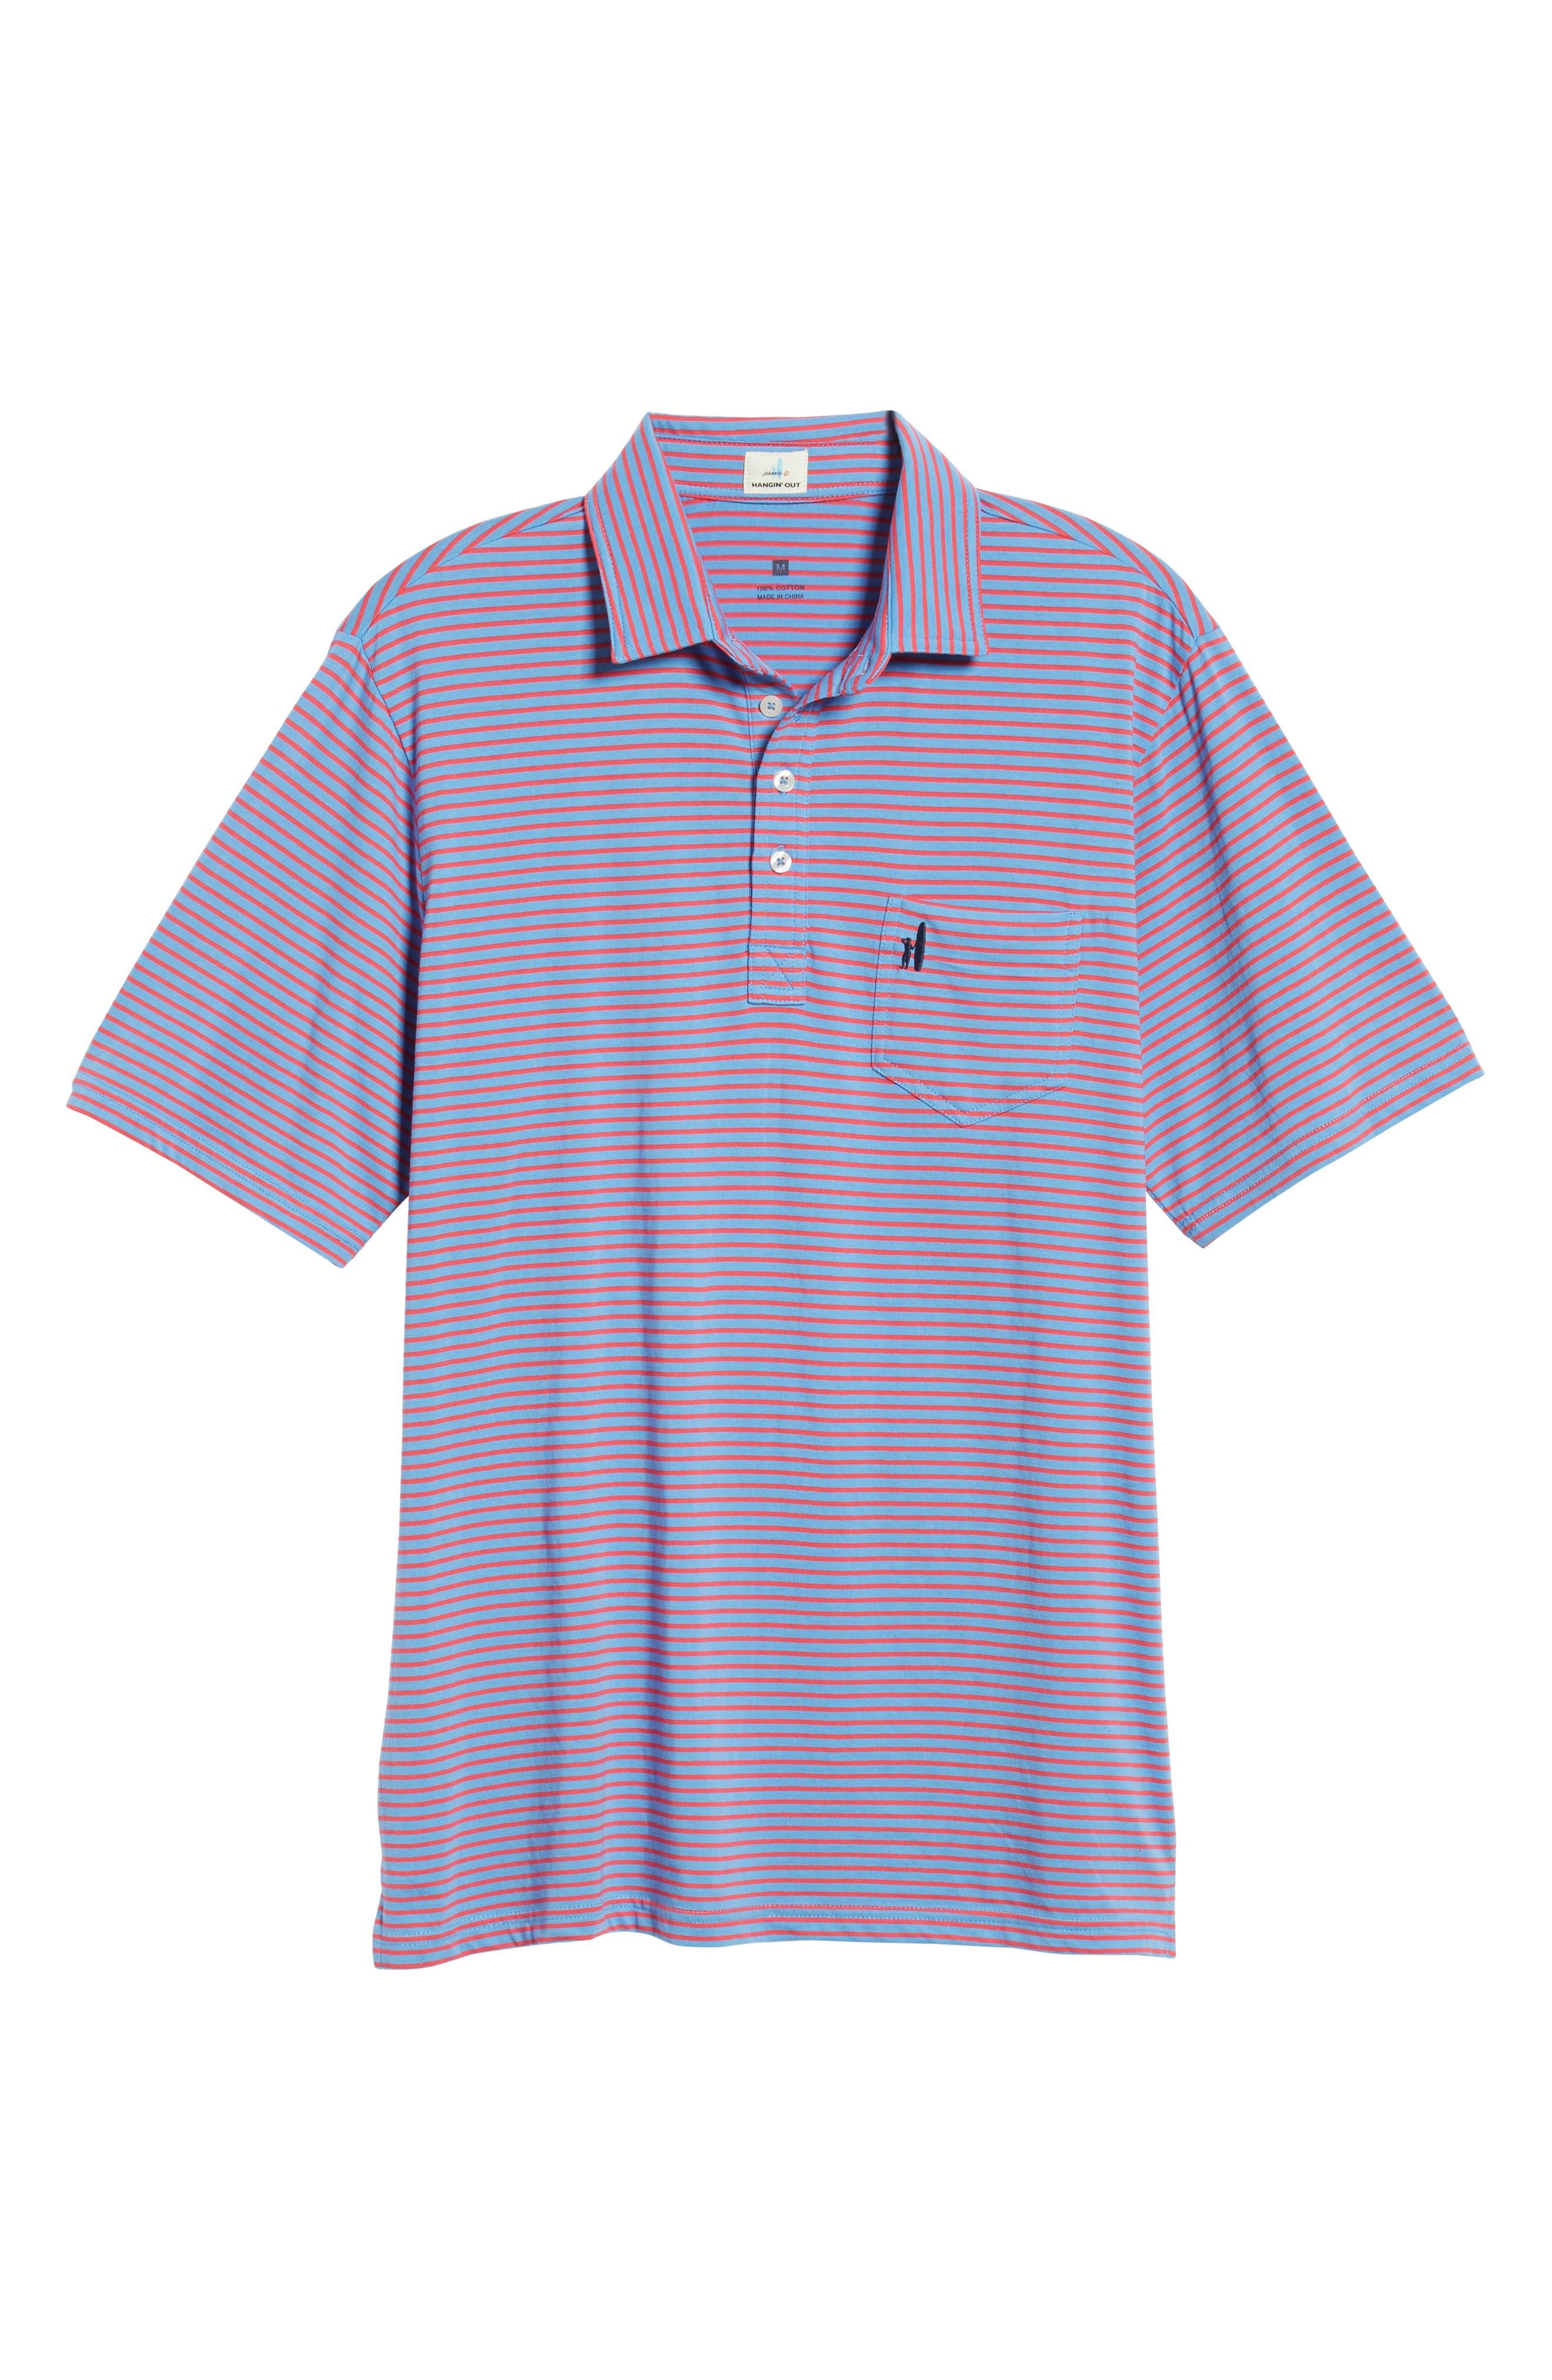 8901a0d93 Polo Shirts Sale Macys | Top Mode Depot